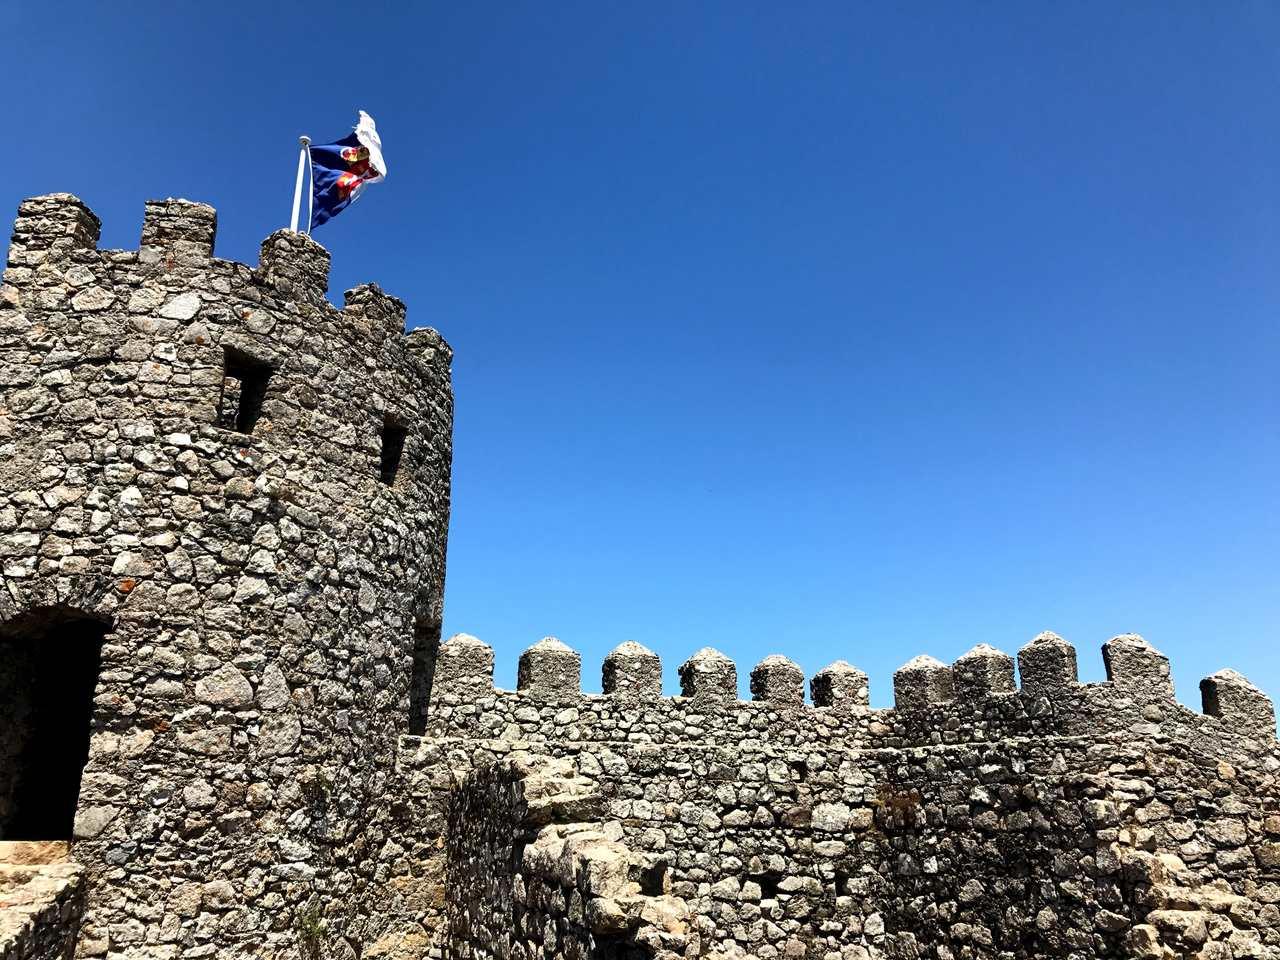 Bandeira da monarquia Portuguesa hasteada no Castelo dos Mouros em Sintra